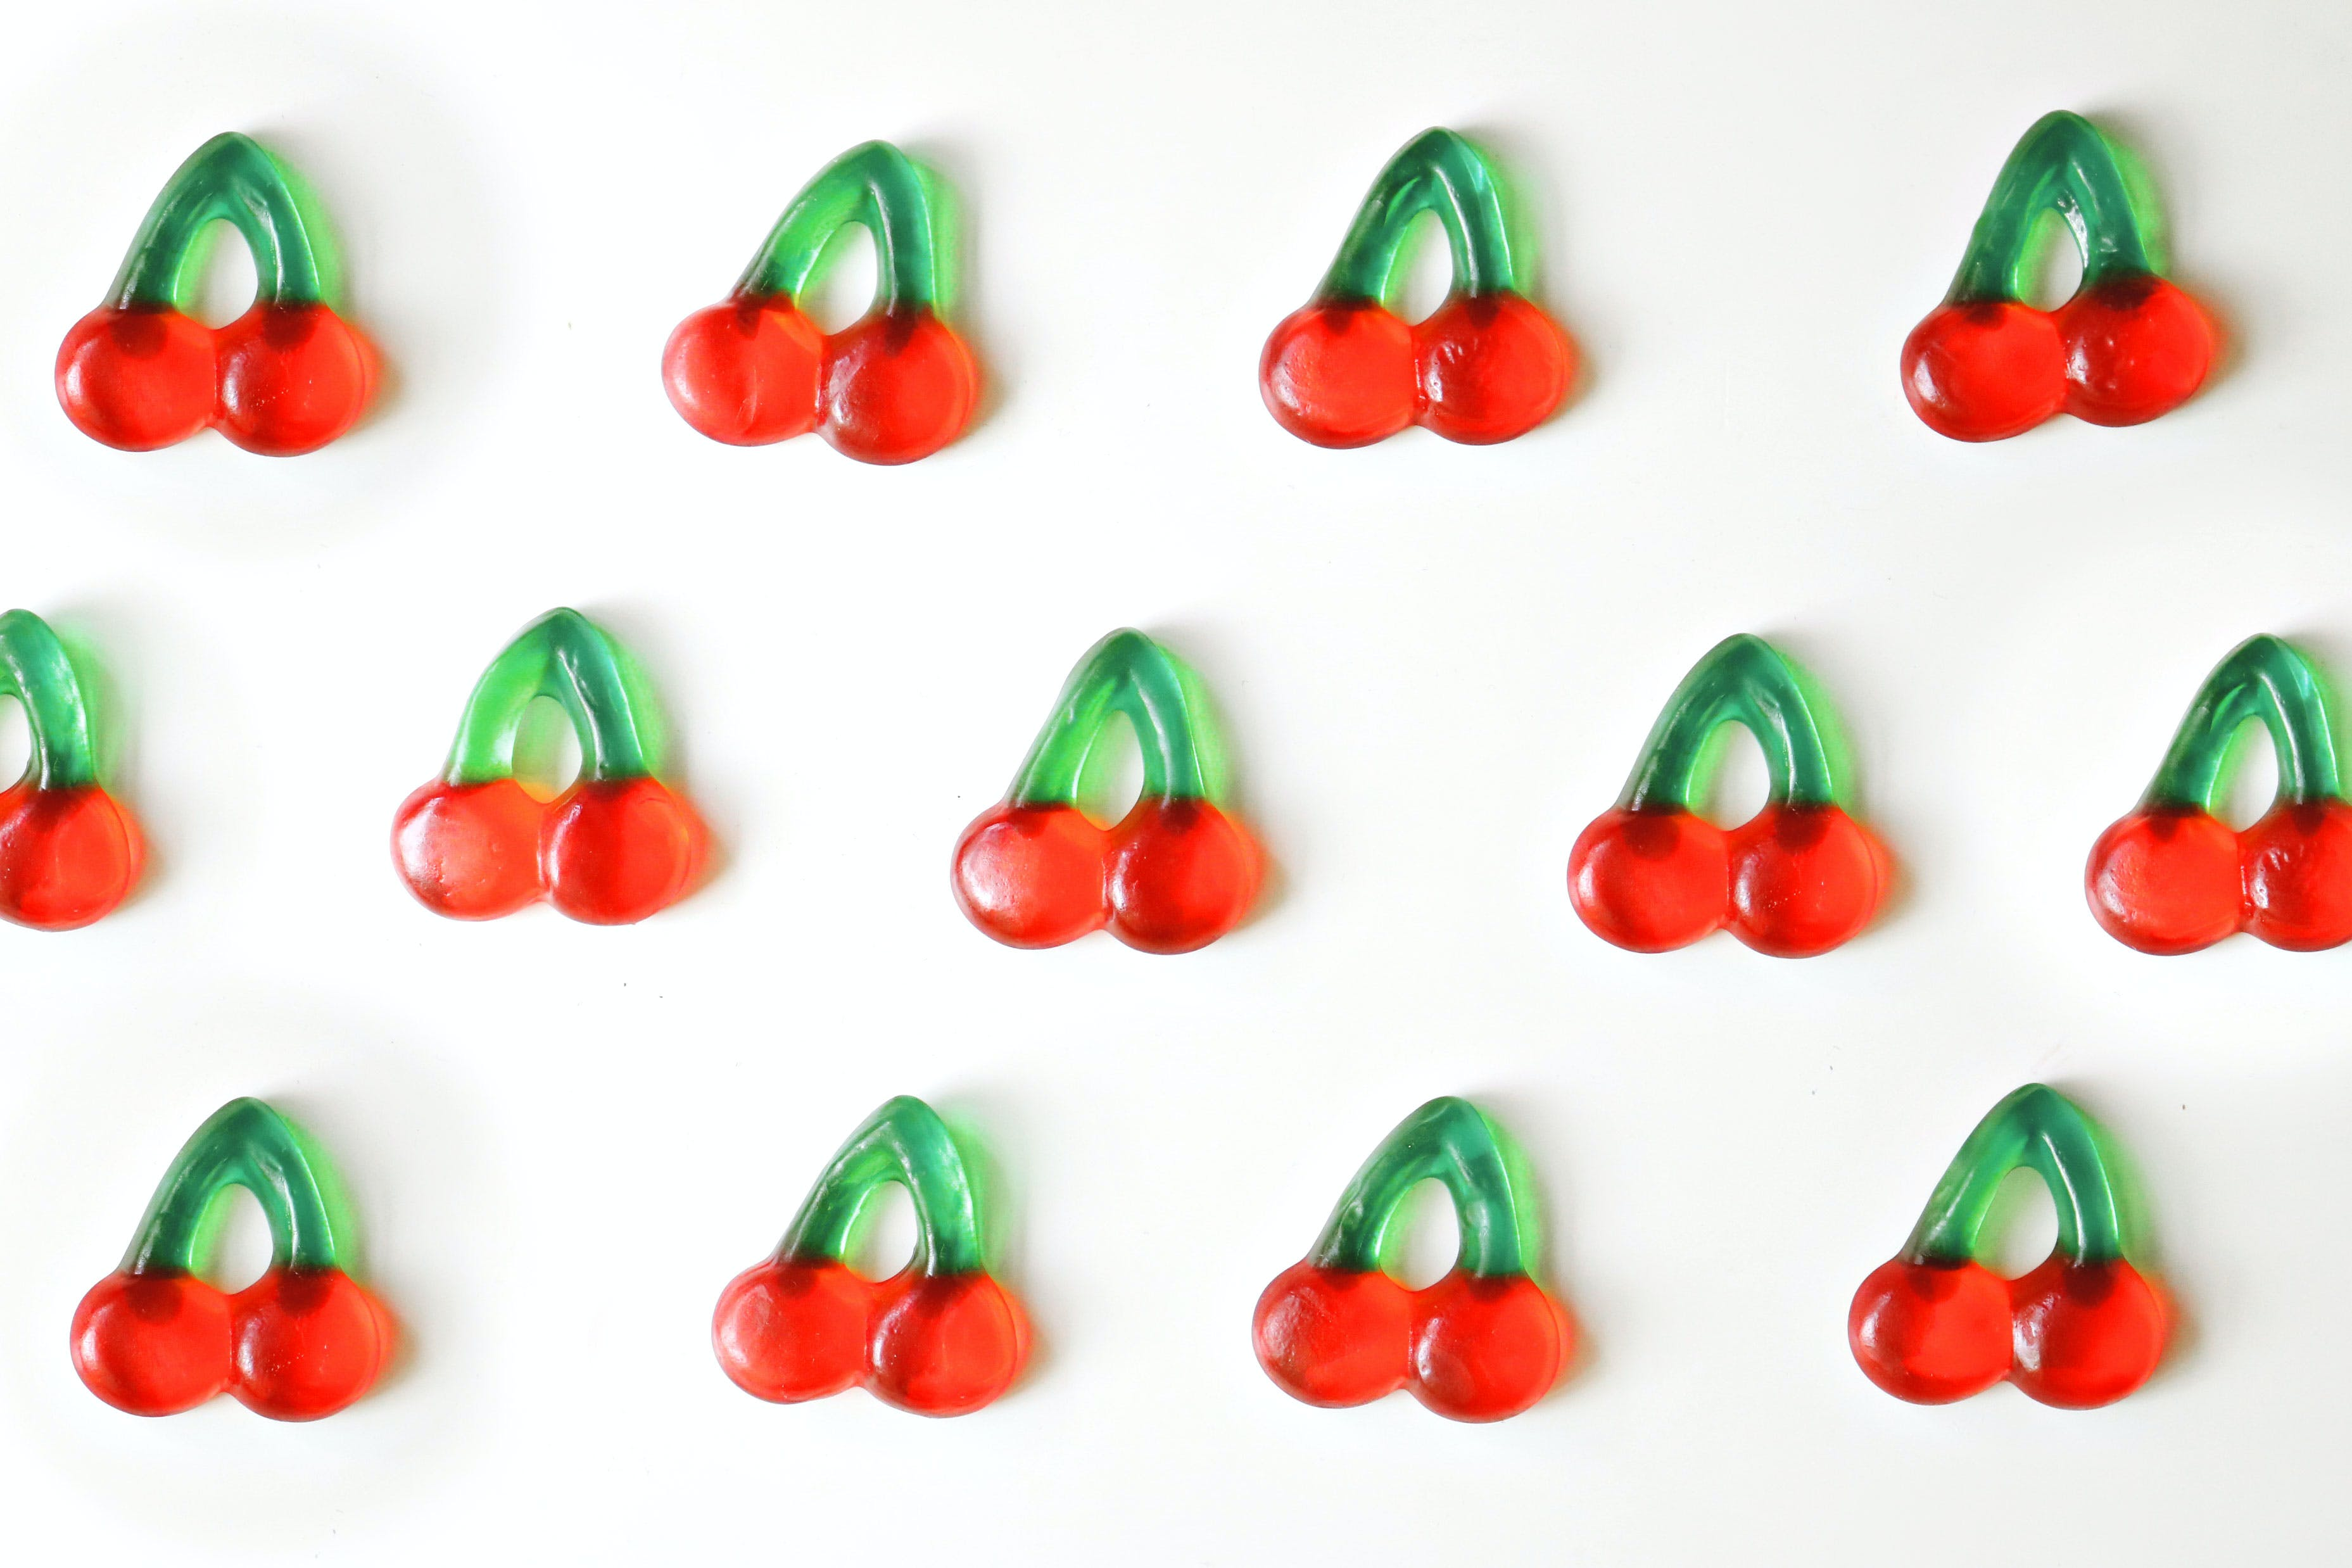 Fotos de stock gratuitas de abigarrado, brillante, caramelos, cereza